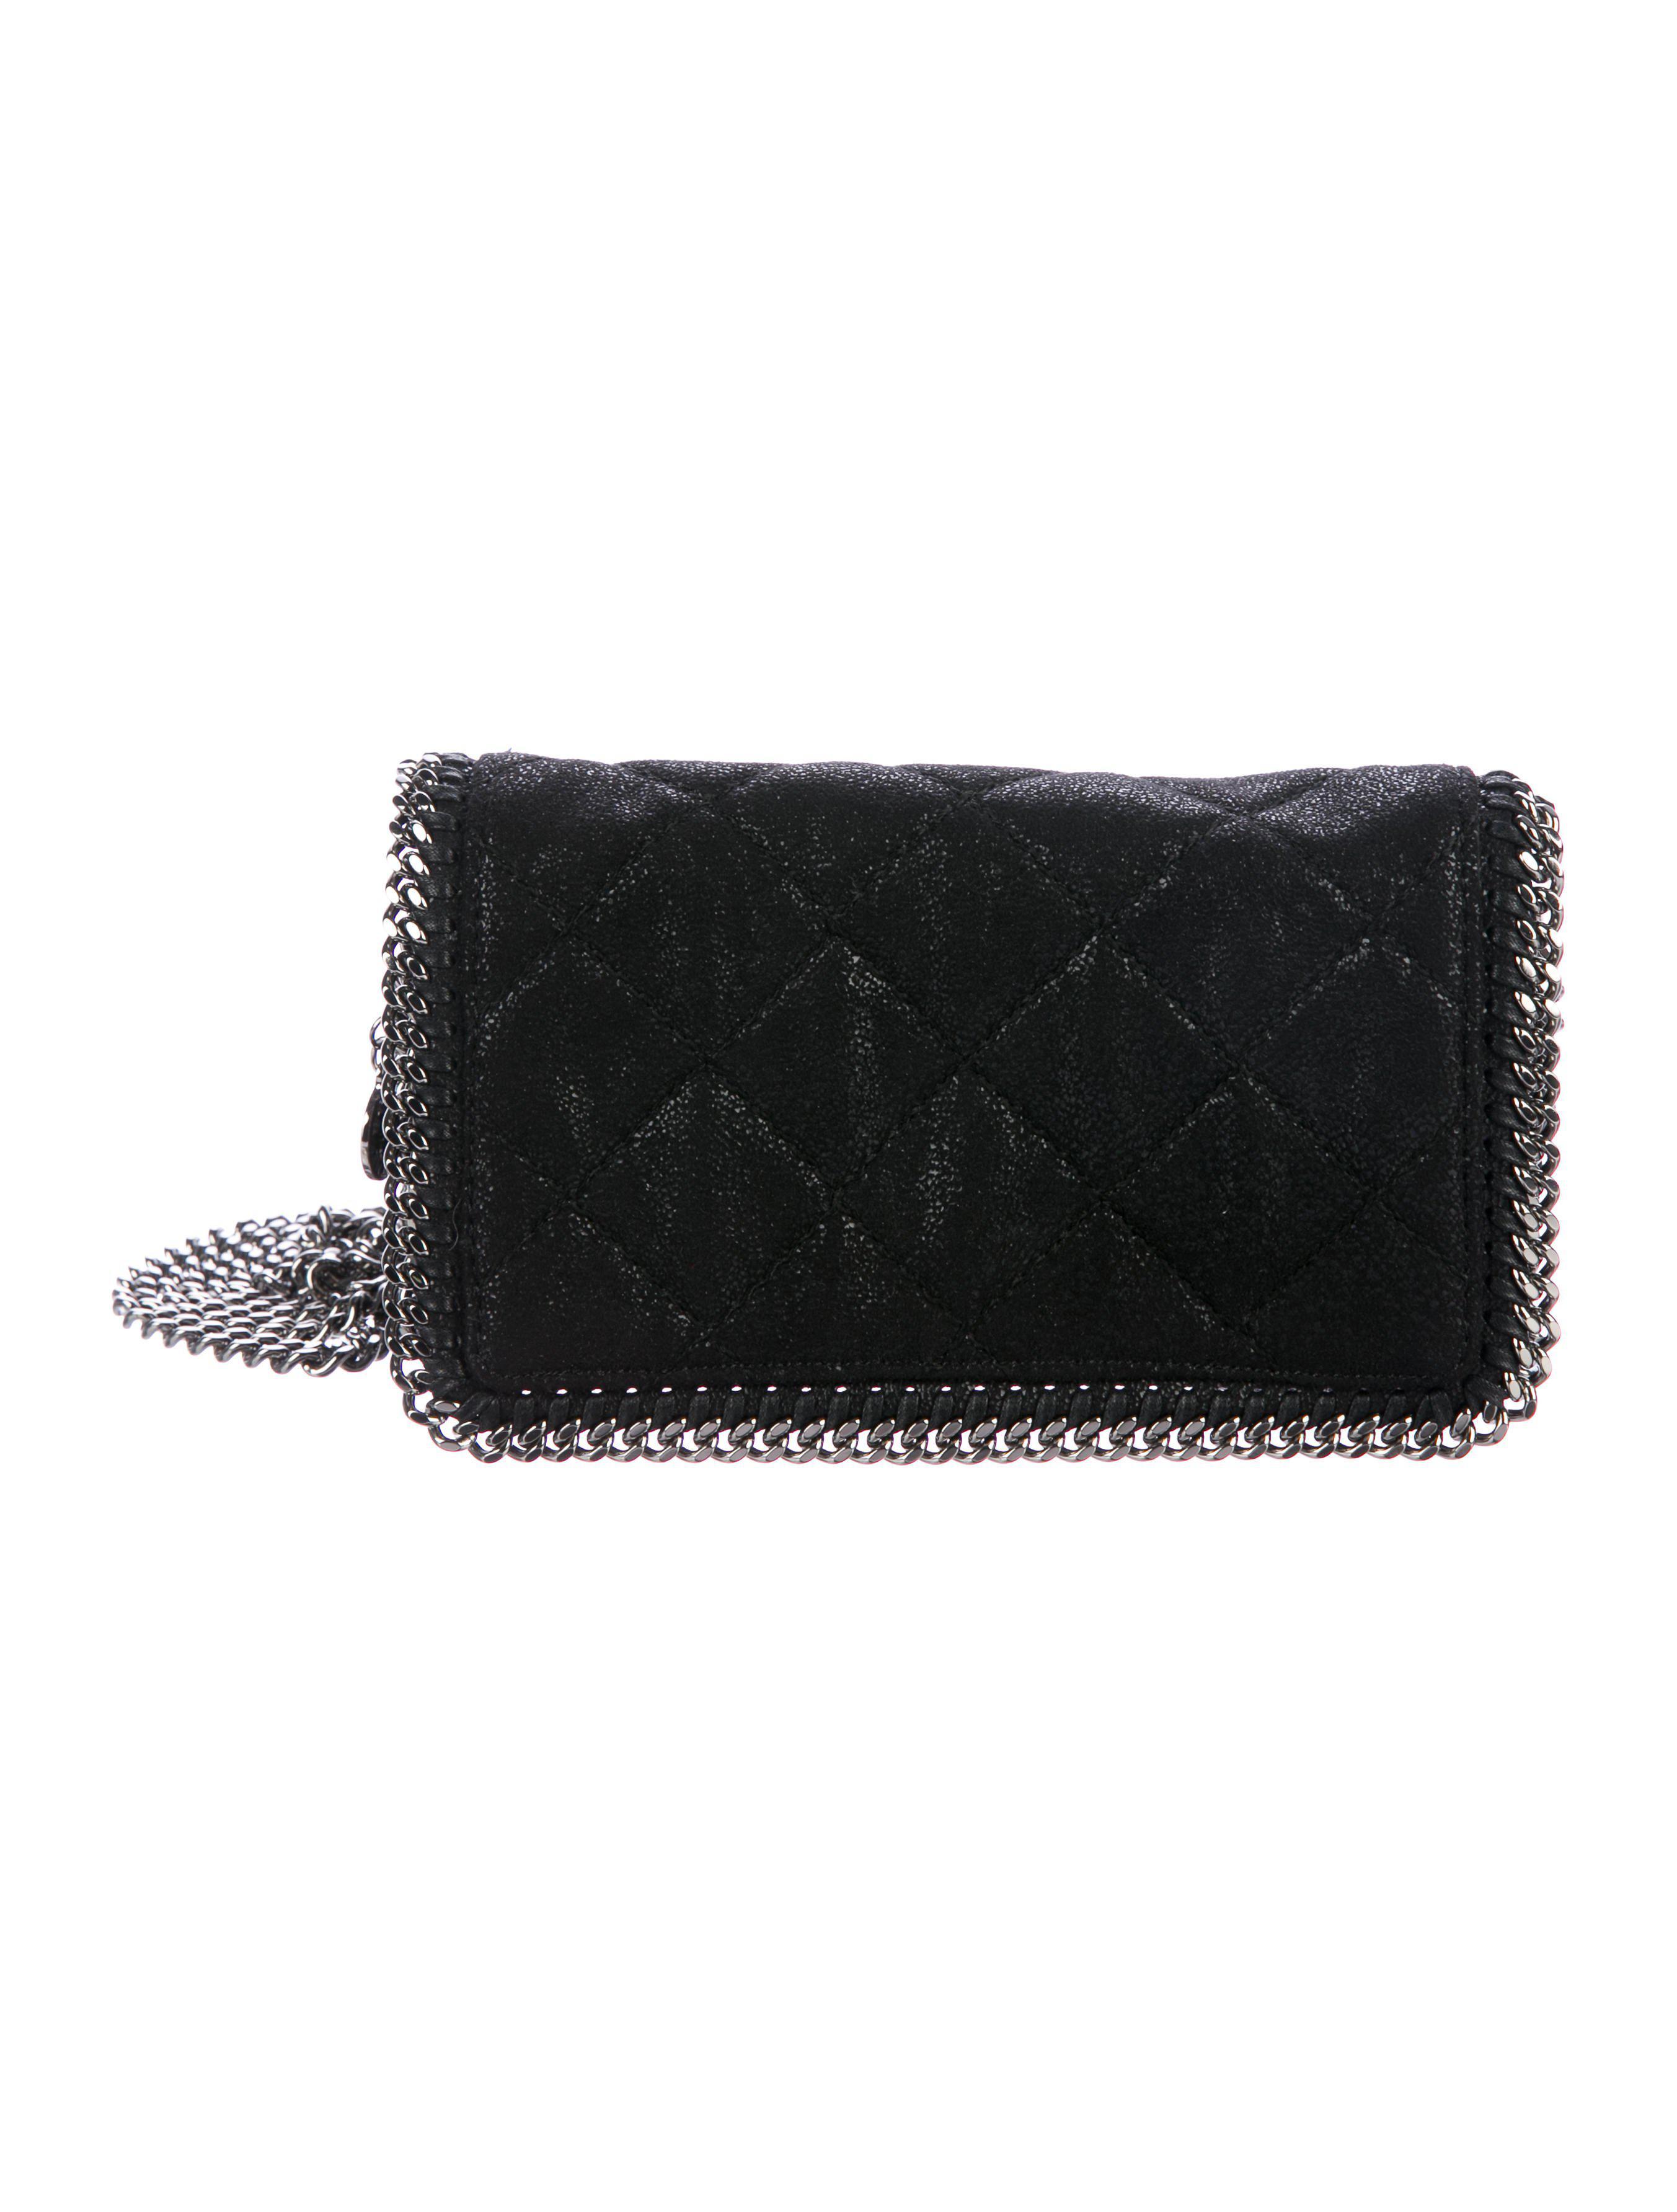 27b325dcd0a2 Lyst - Stella Mccartney Quilted Falabella Crossbody Bag in Black